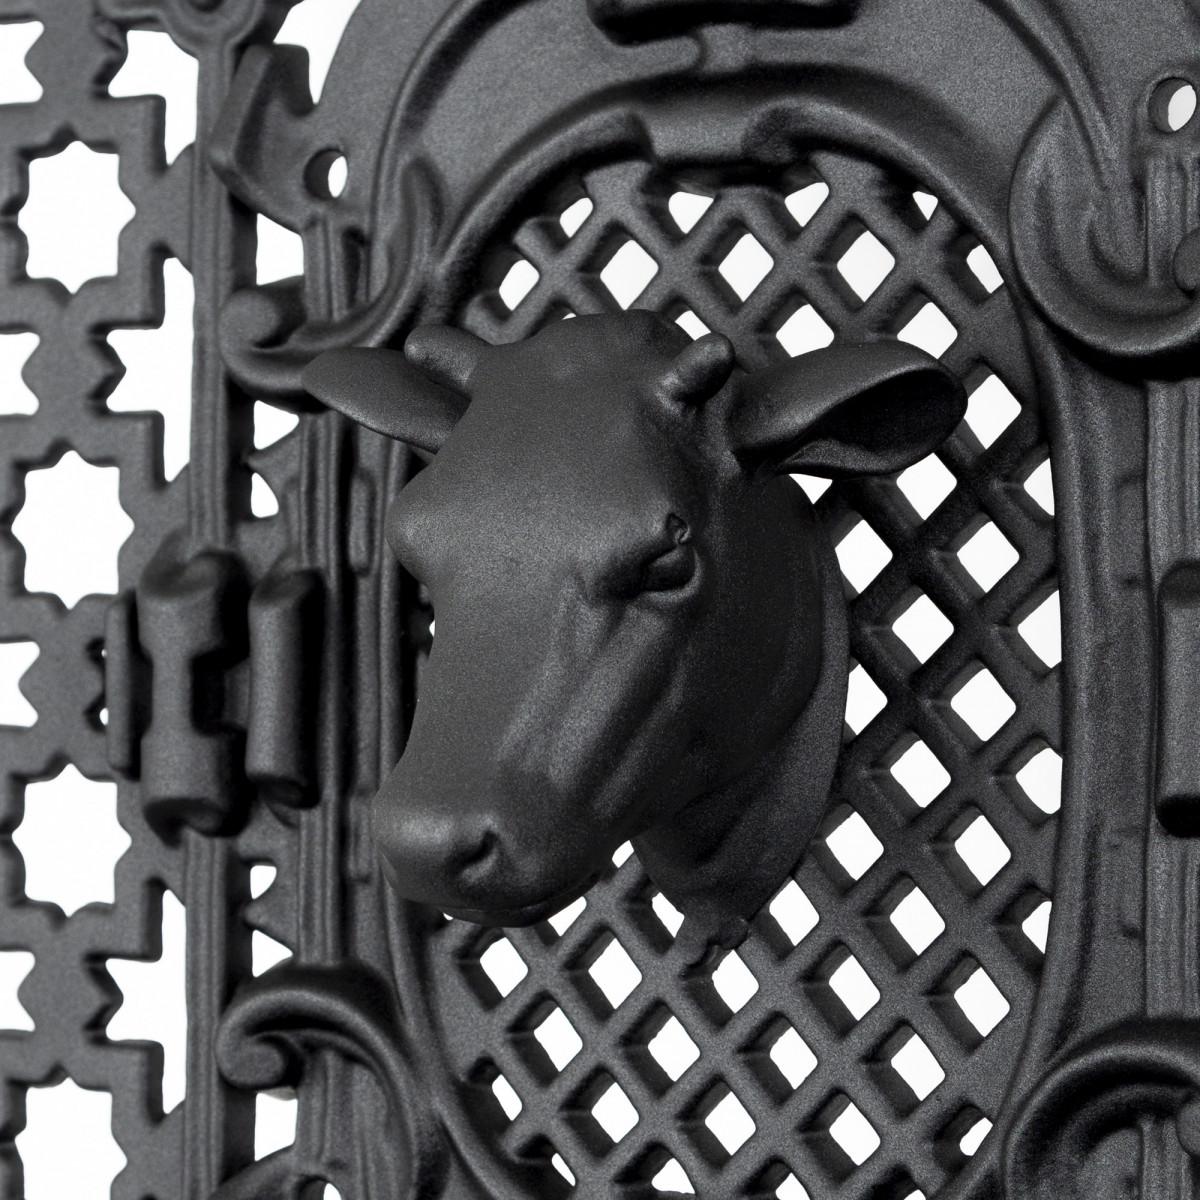 Deurrooster R 491 Koeienkop H:97 x B:60 (5341) -  - Deurroosters